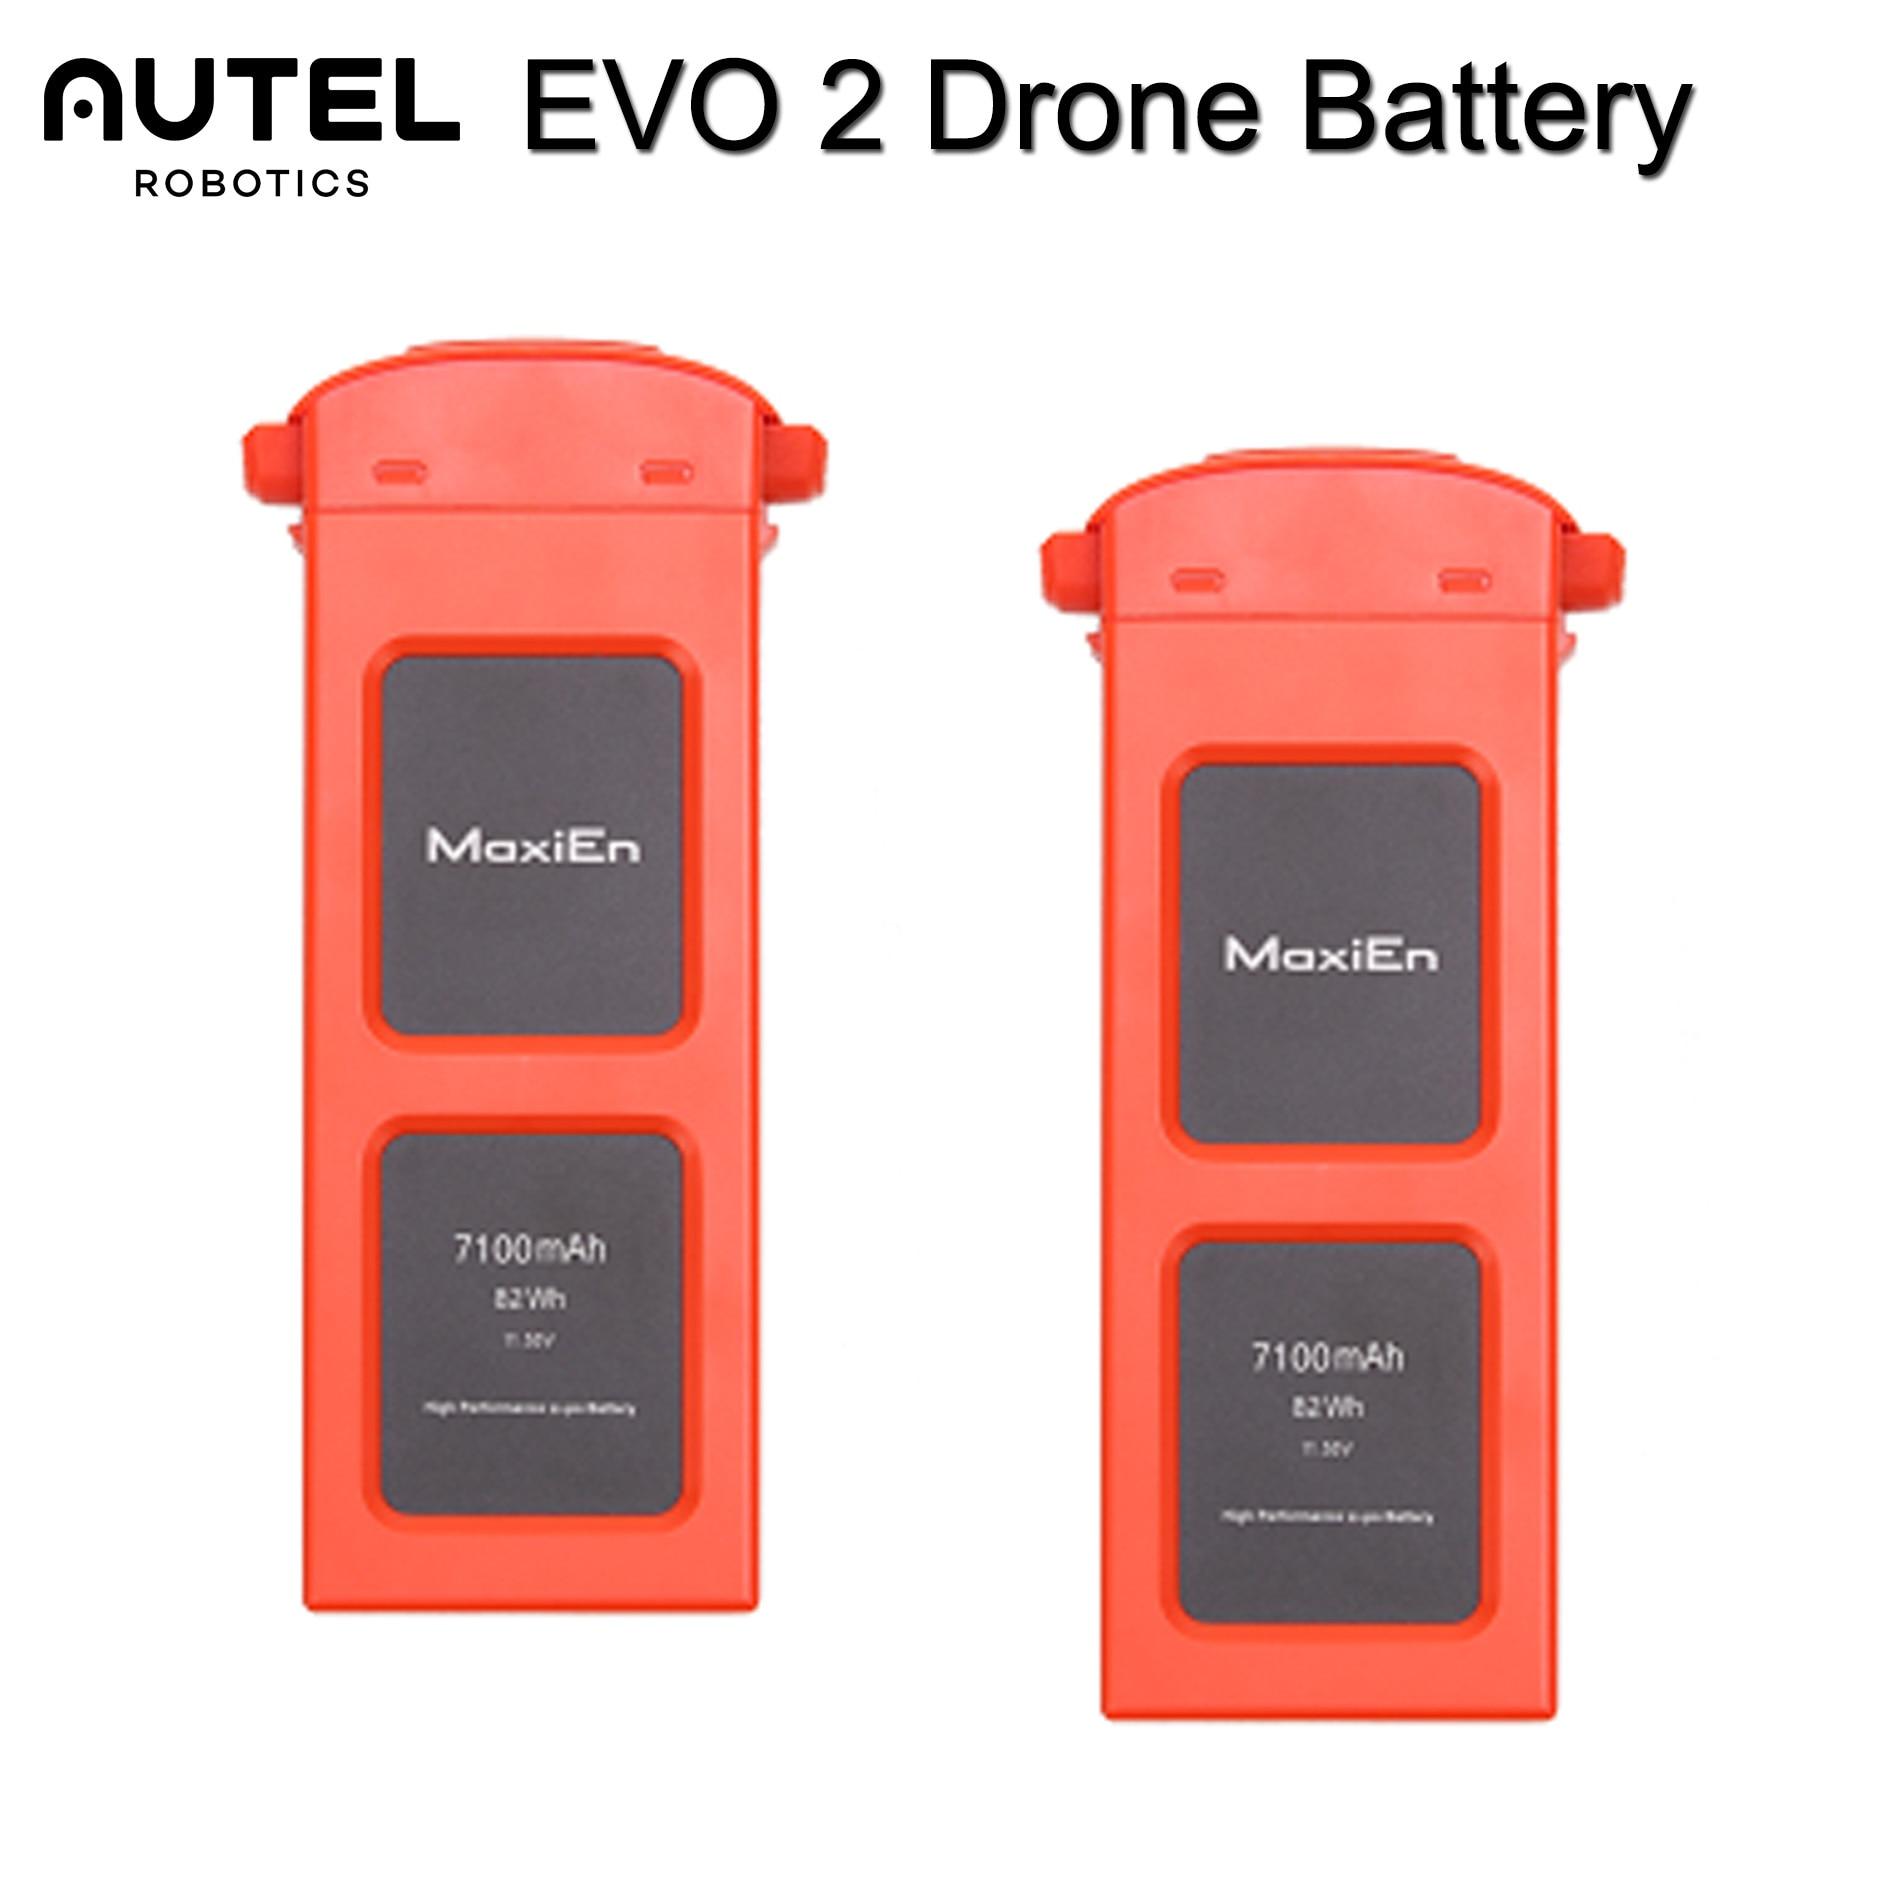 Original Autel Robotics EVO II Battery 3S 7100mAh Li-Po Charging Batteries For Autel Robotics EVO 2/Pro/Dual HD Camera Drone